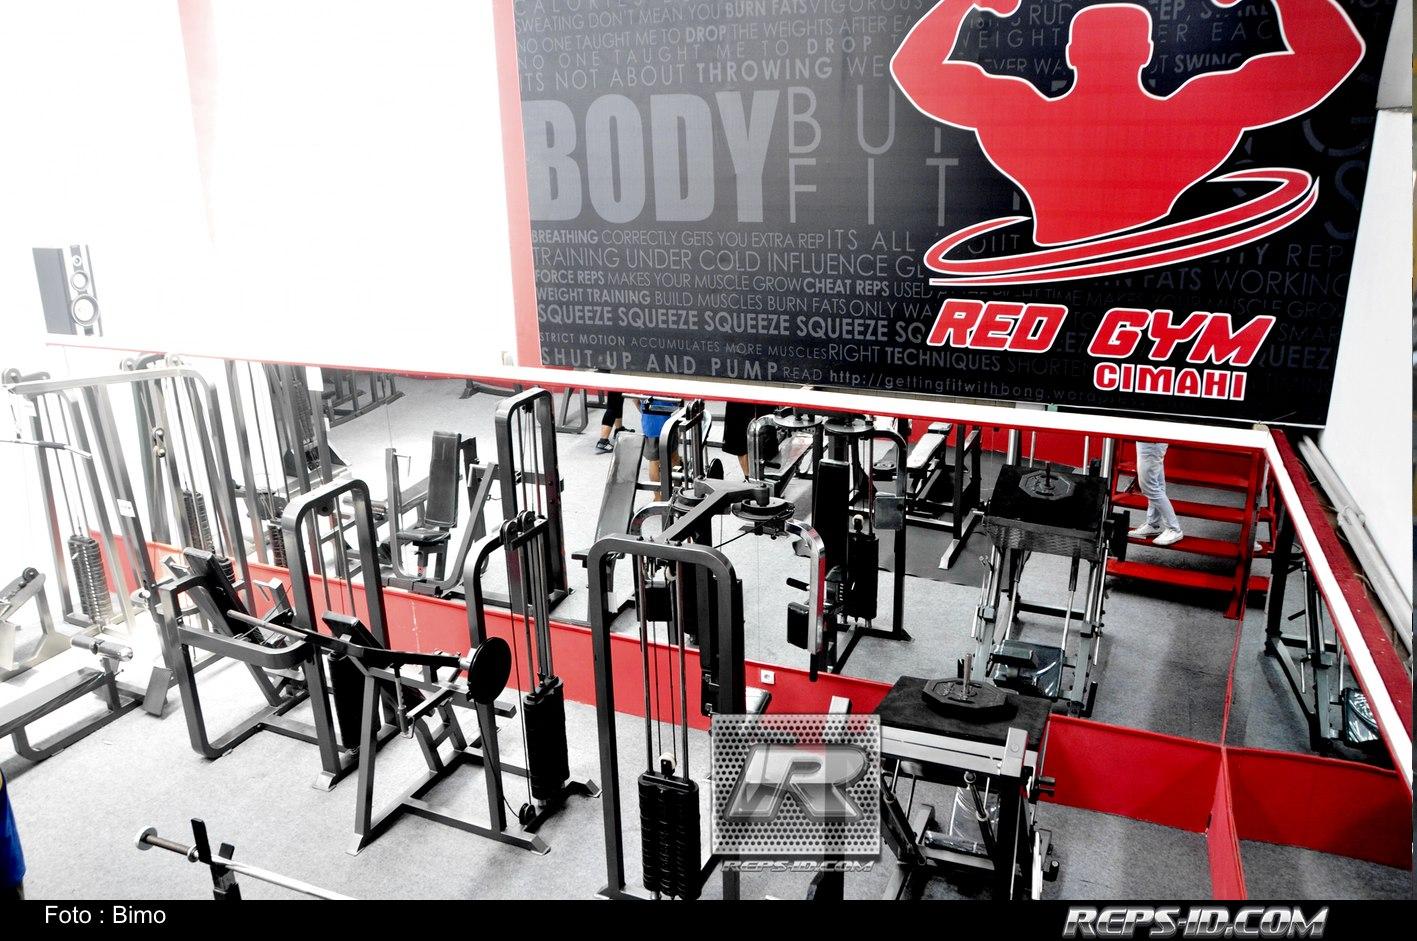 Gym Master The Edge Cimahi Best 2017 Voucher Fitness Simply Valore Hotel Masterbandung Raya R Apartemen Waa2